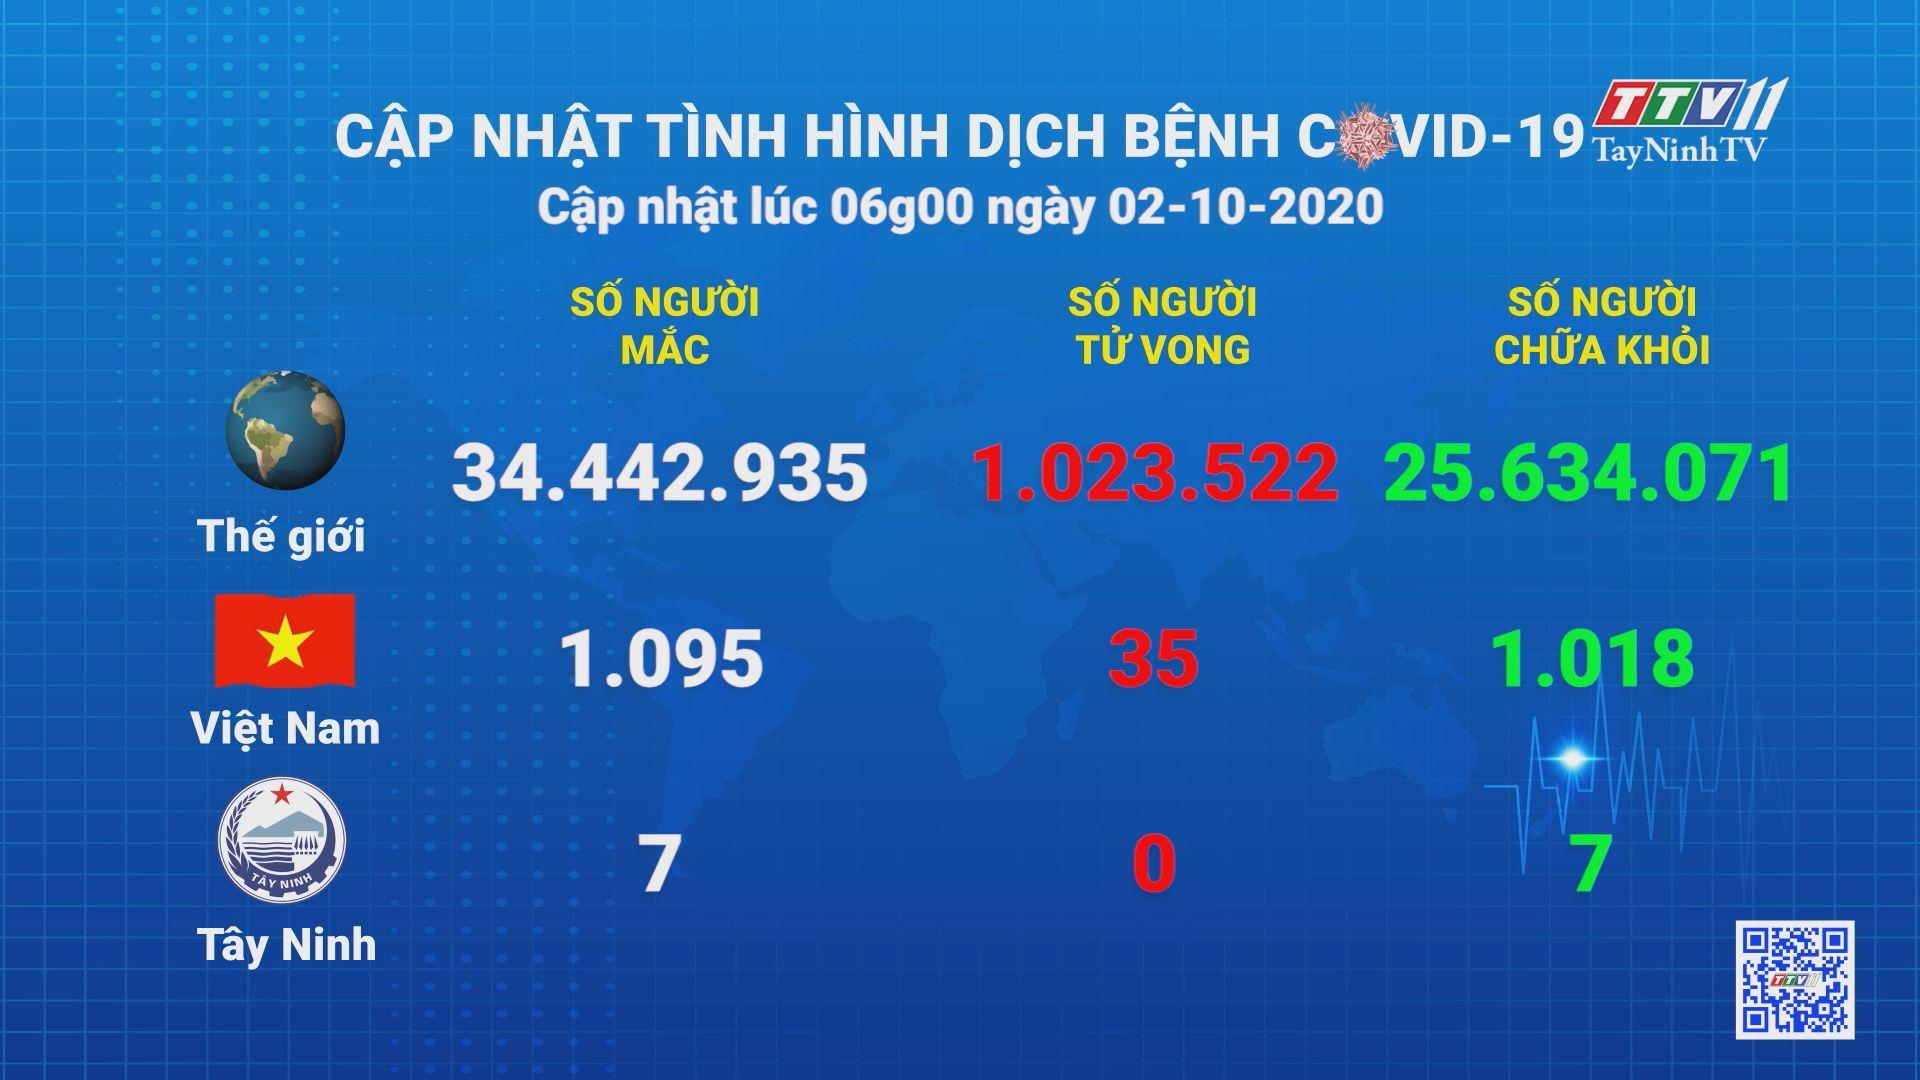 Cập nhật tình hình Covid-19 vào lúc 06 giờ 02-10-2020 | Thông tin dịch Covid-19 | TayNinhTV